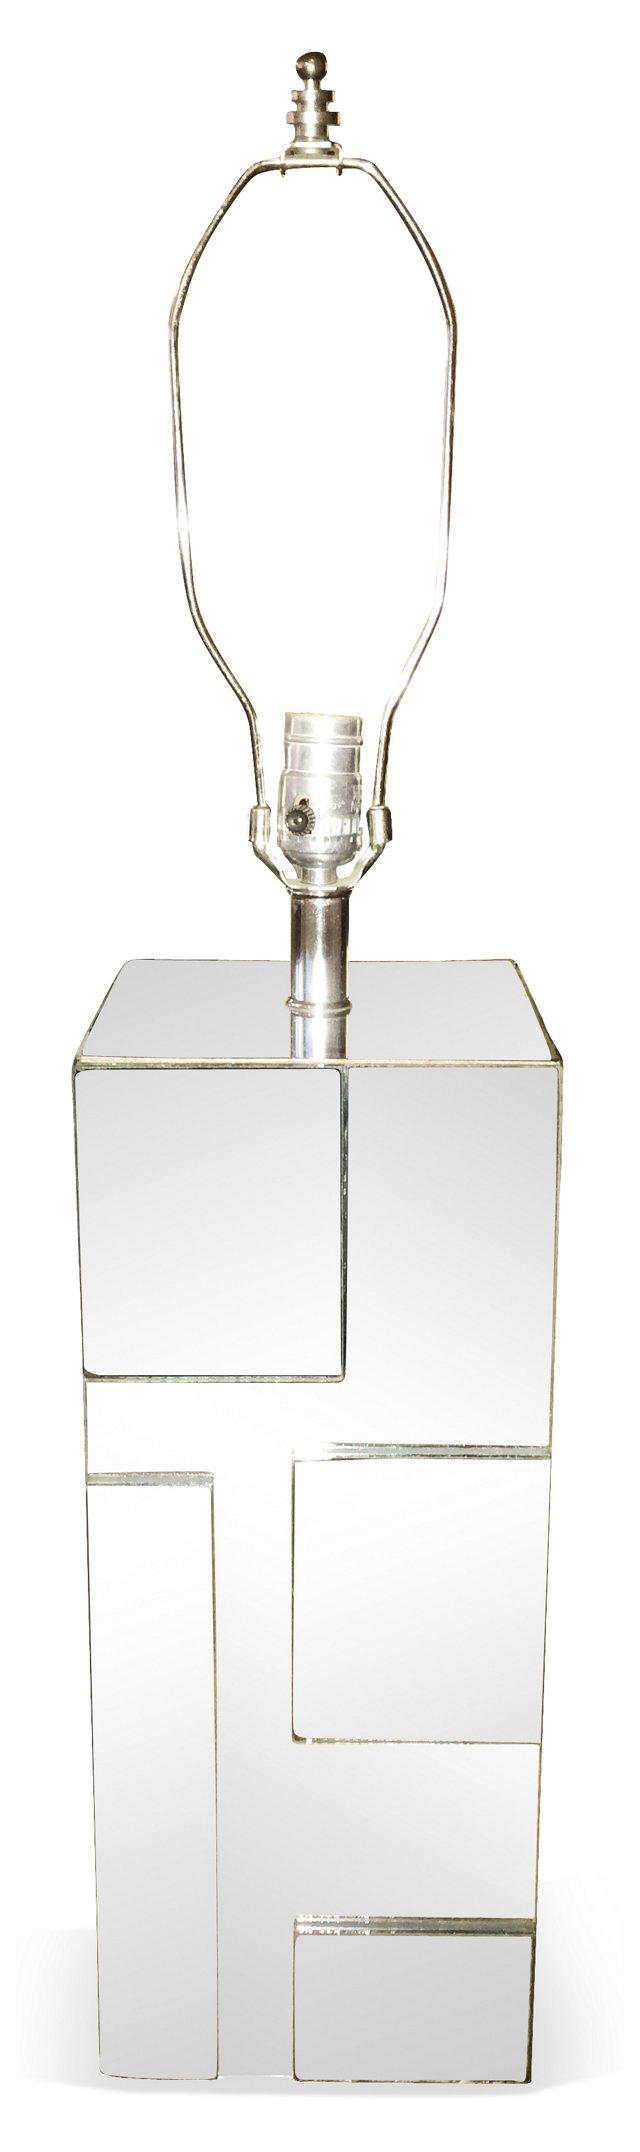 Midcentury Mirrored Lamp